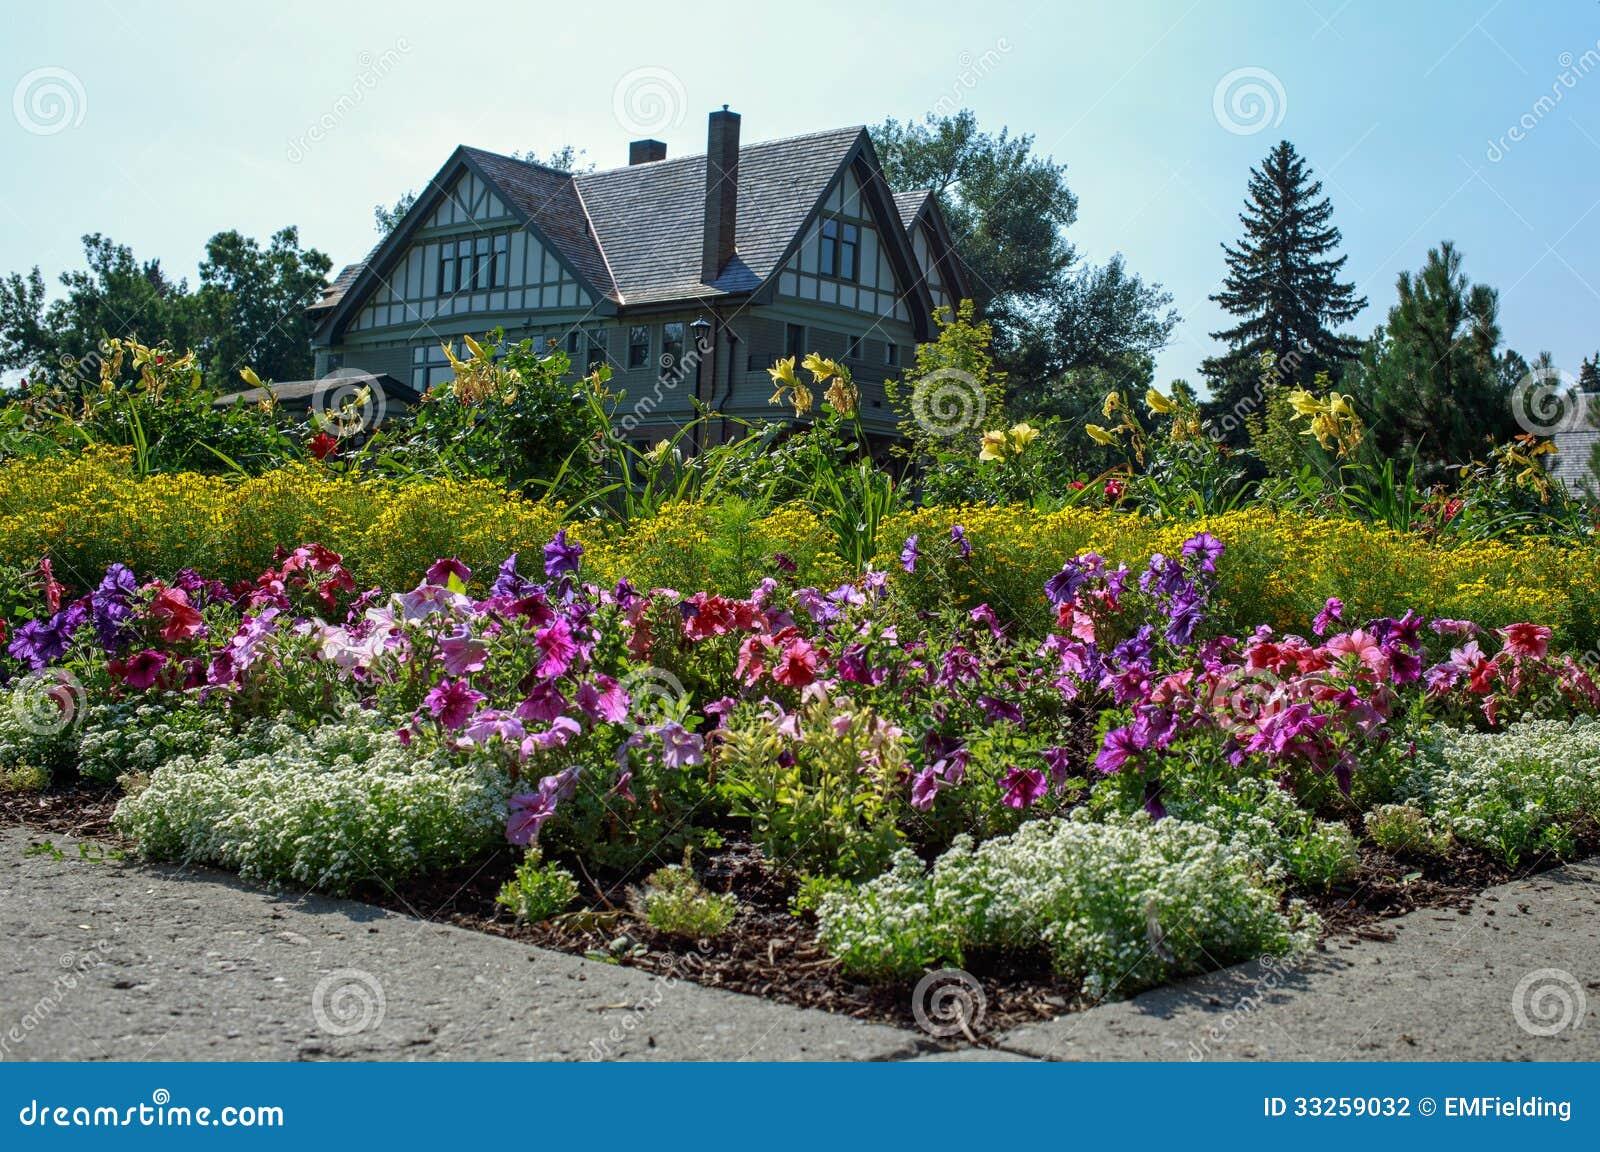 Casa y jardines hermosos foto de archivo imagen de bloque for Imagenes de jardines de casas